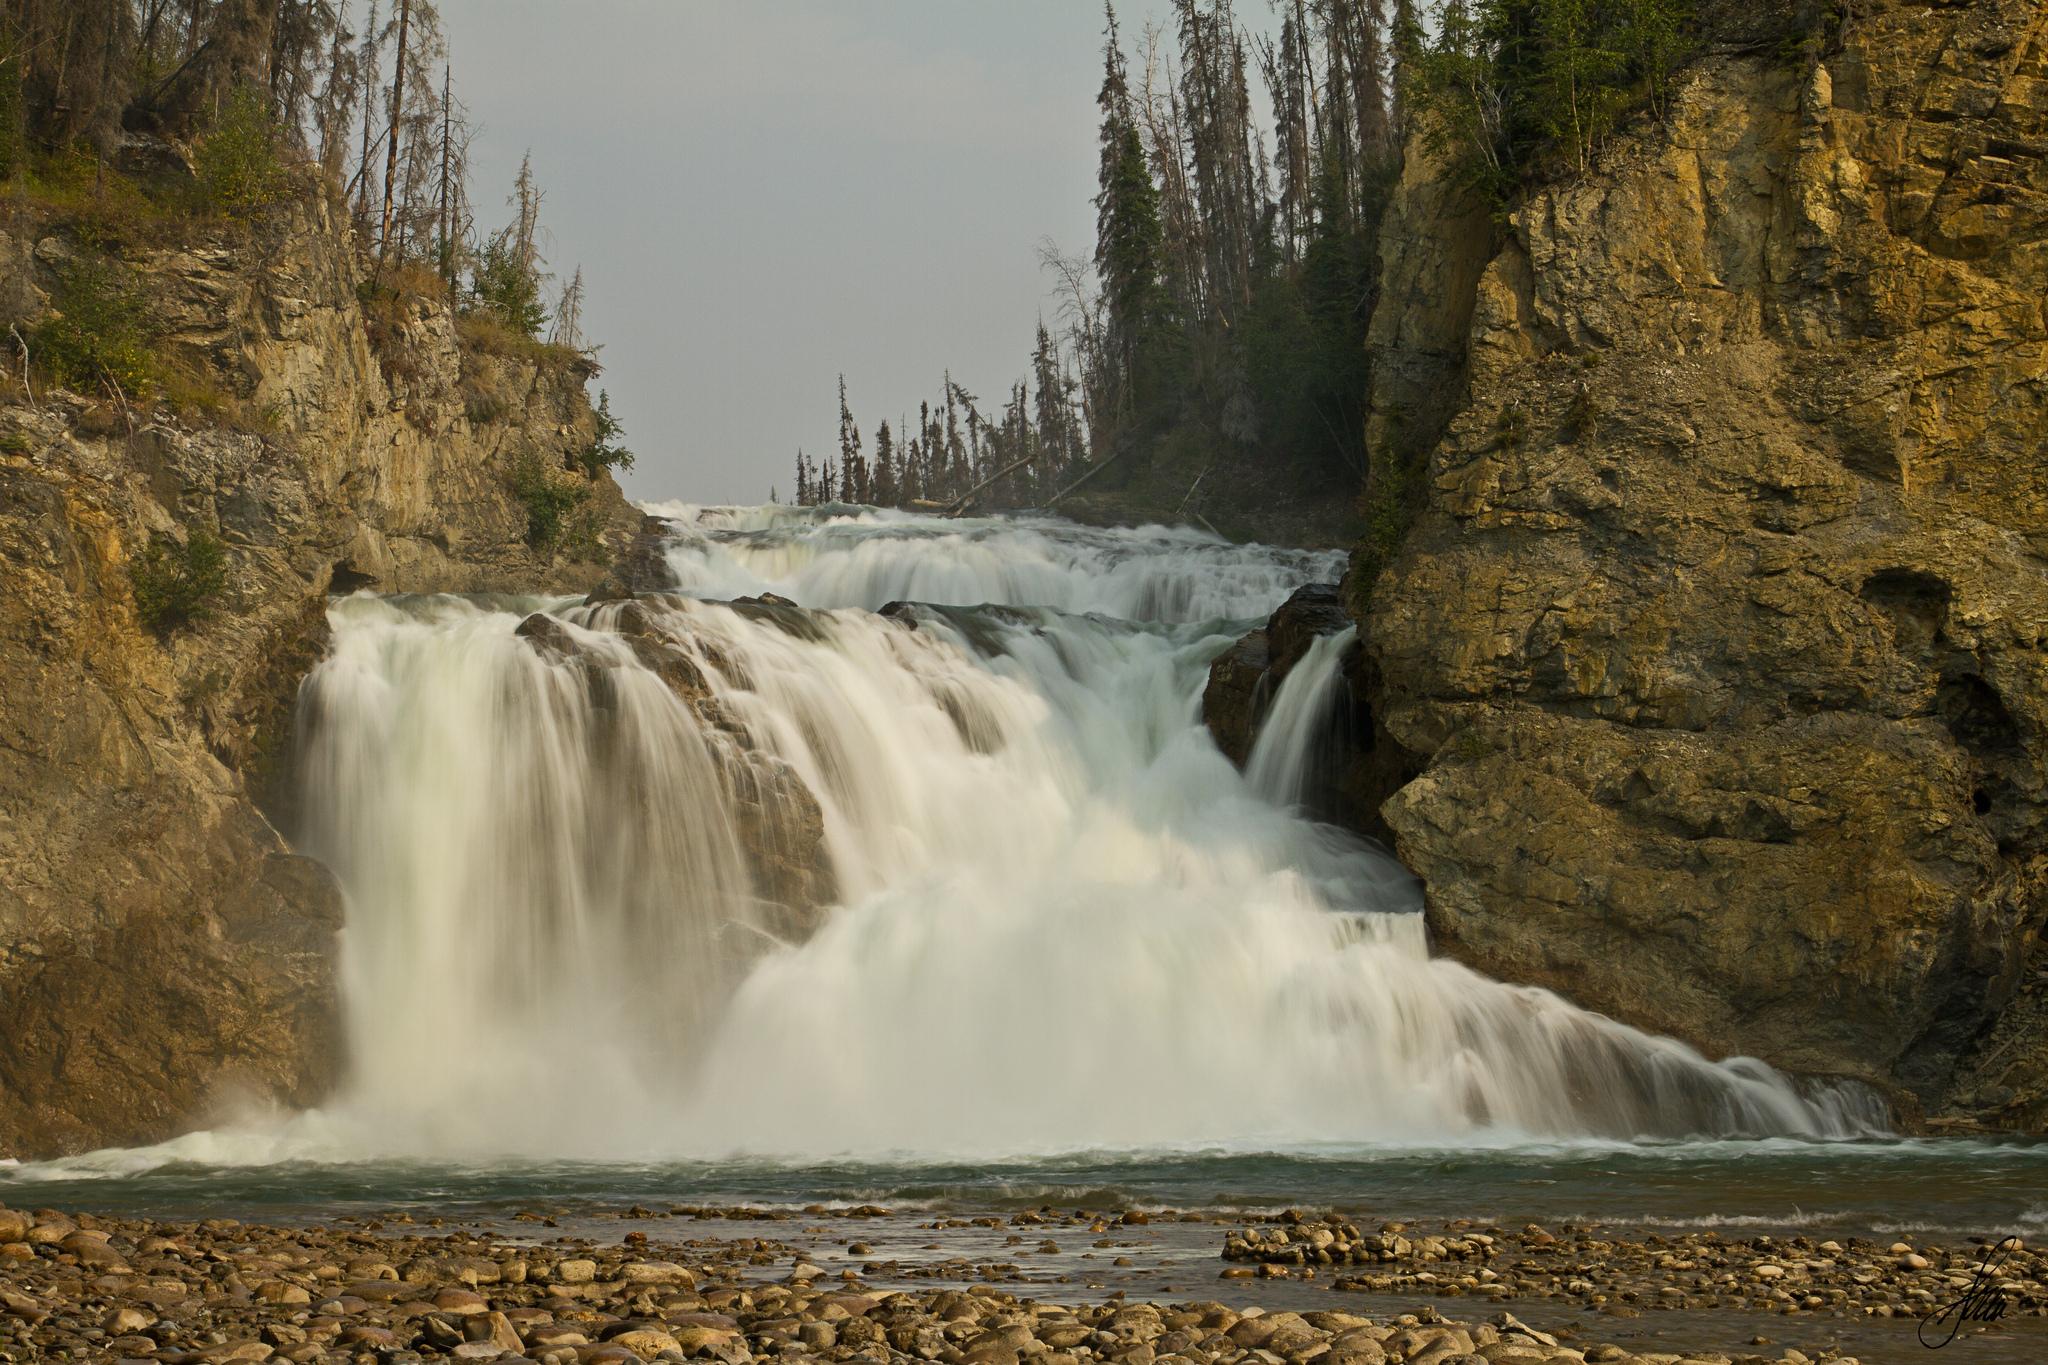 бурлящая вода на скалах  № 205444 загрузить